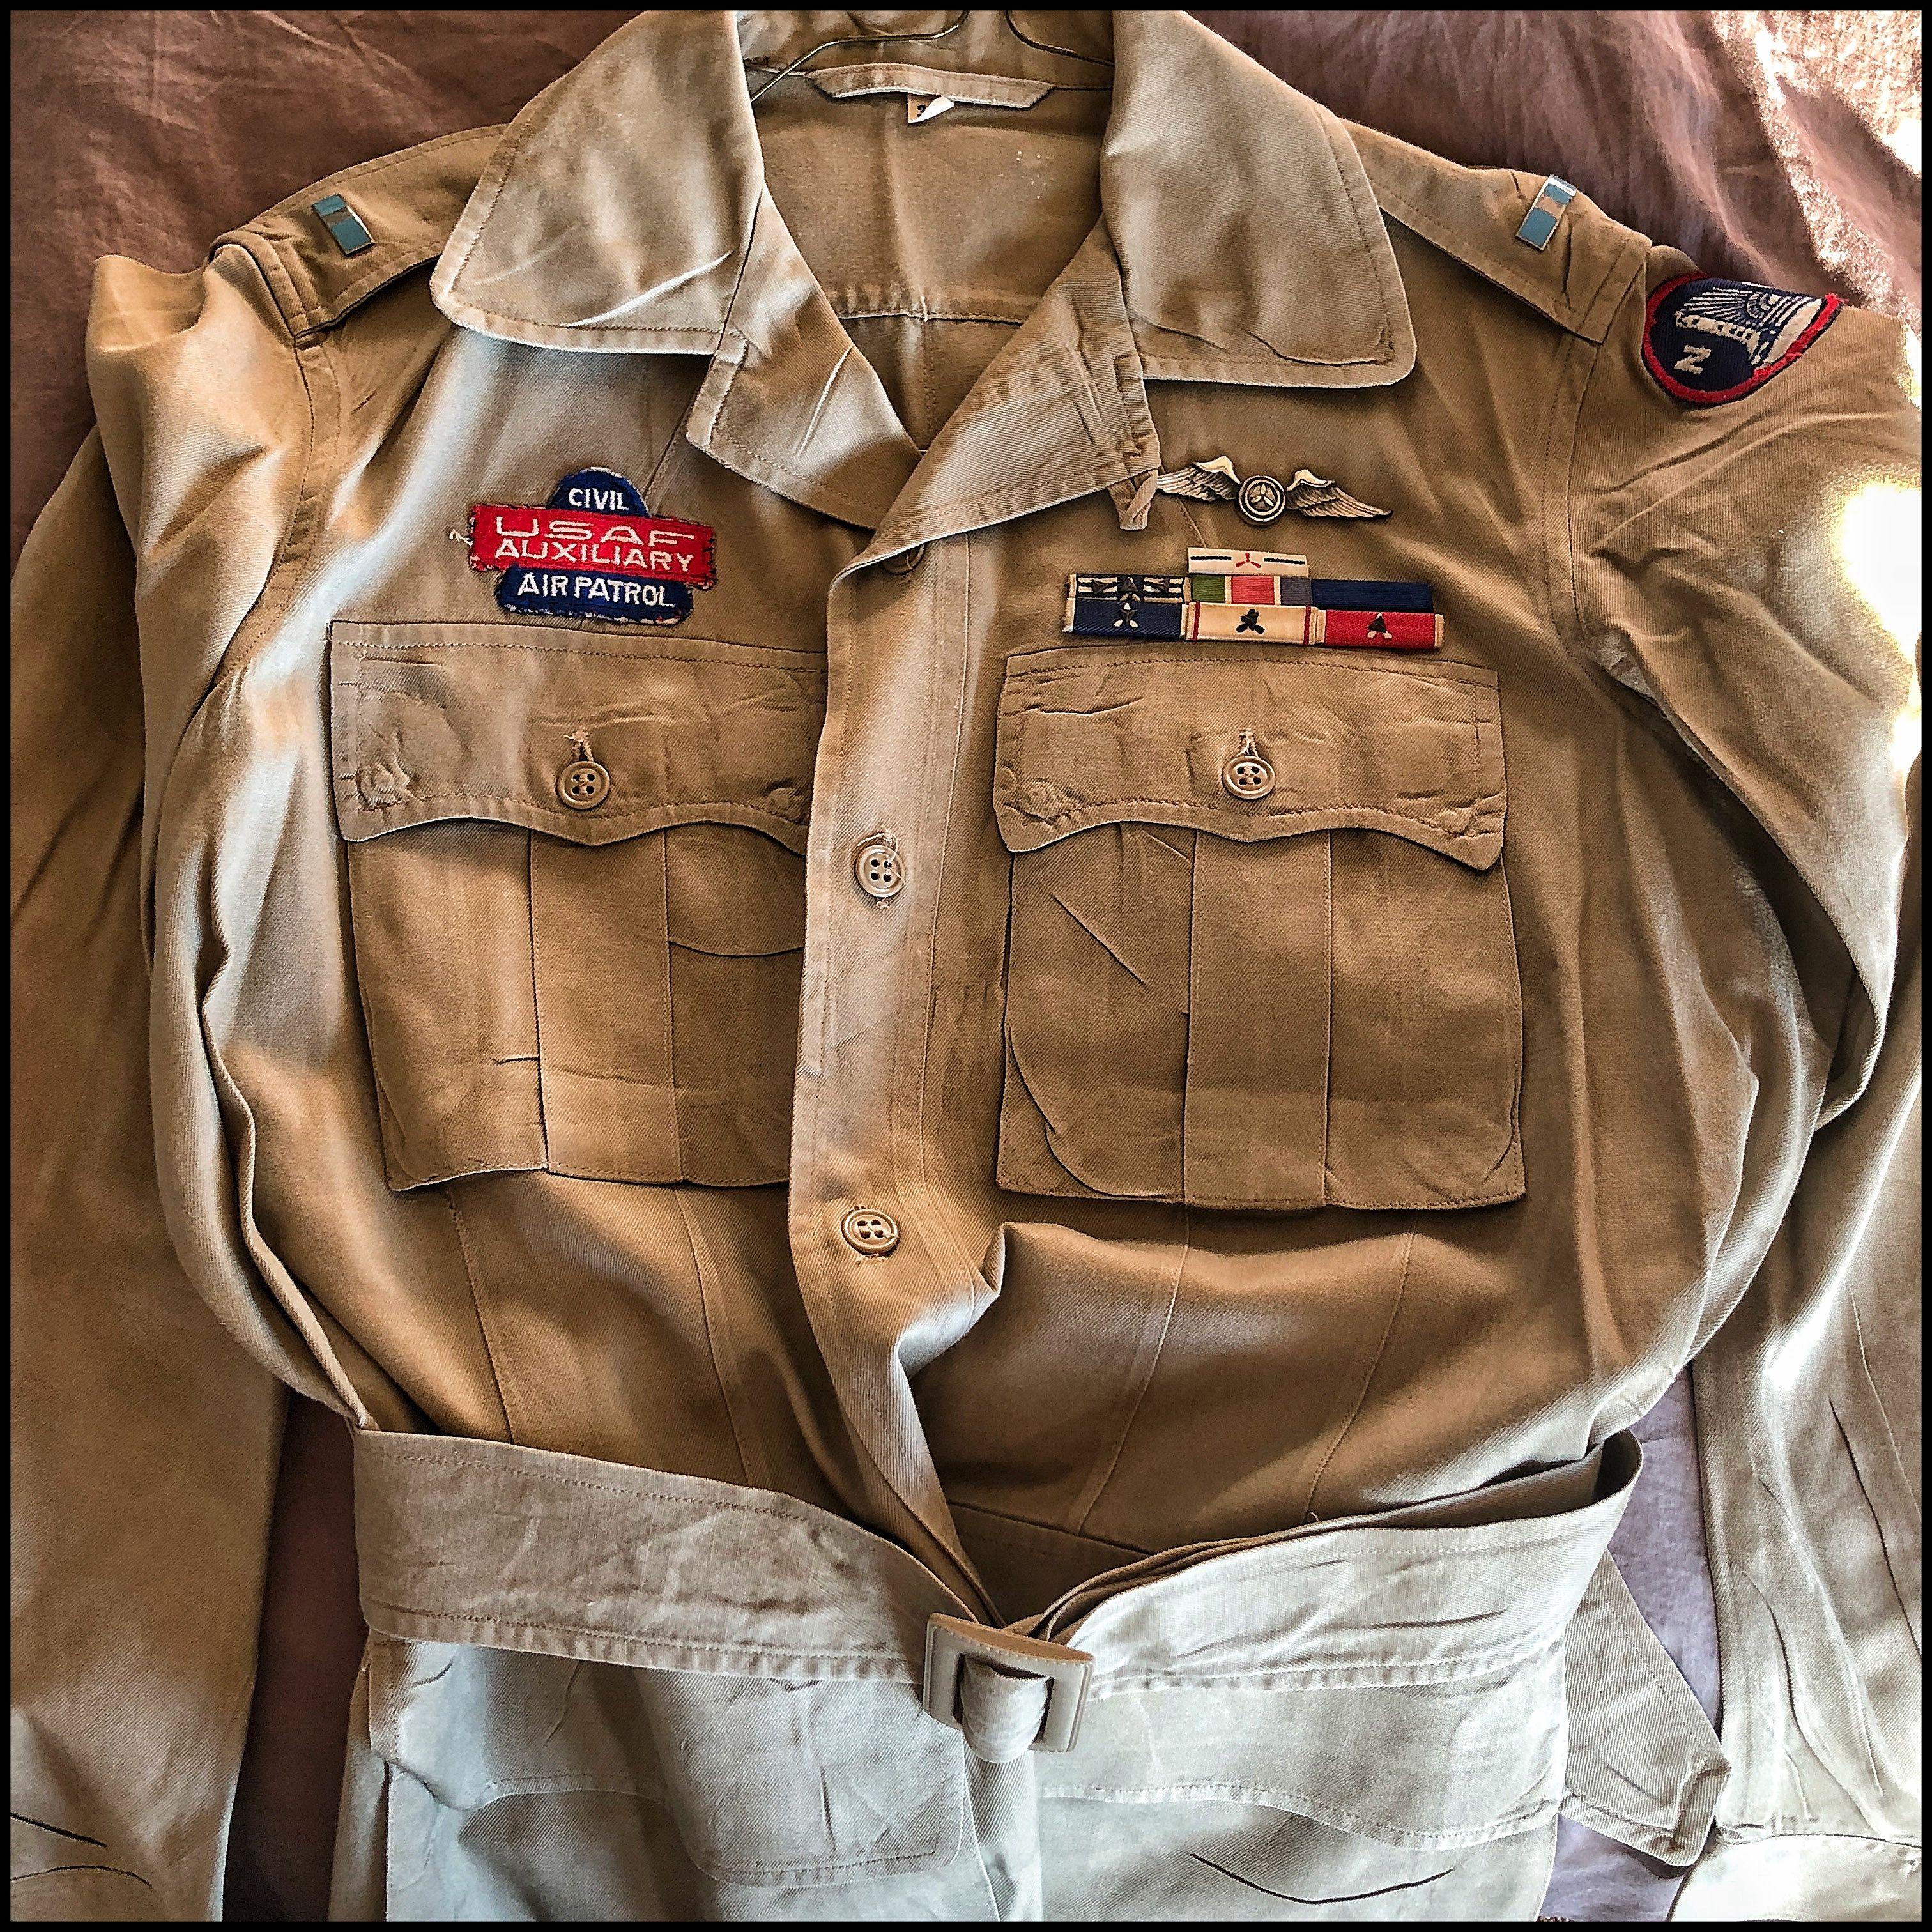 1950's era men's CAP Jungle Jim khaki uniform. Civil air